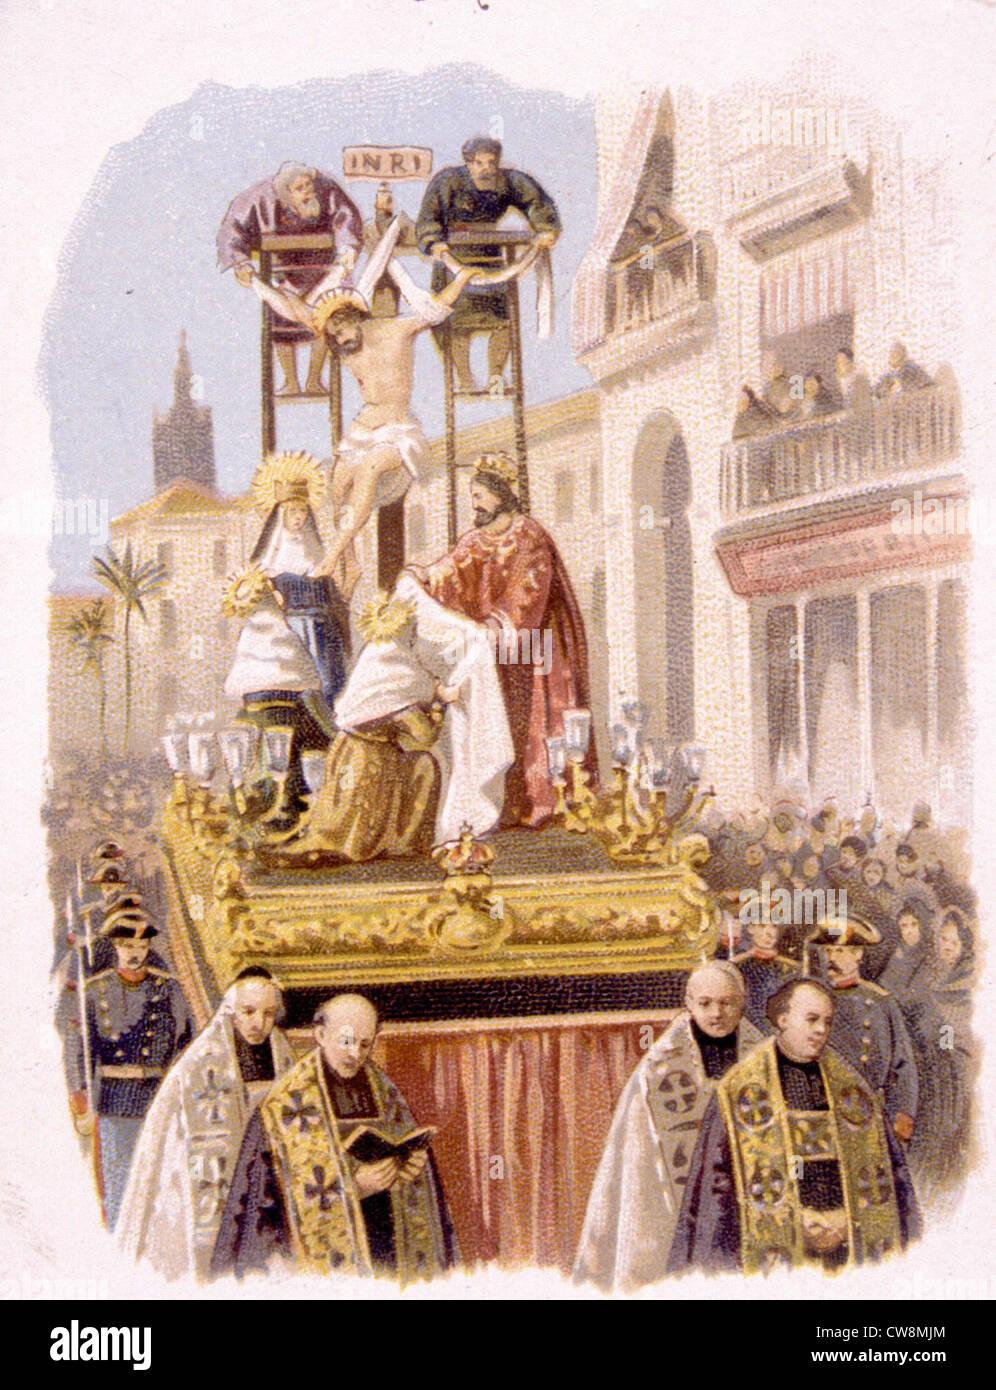 Catholic ceremonies, advertisement - Stock Image